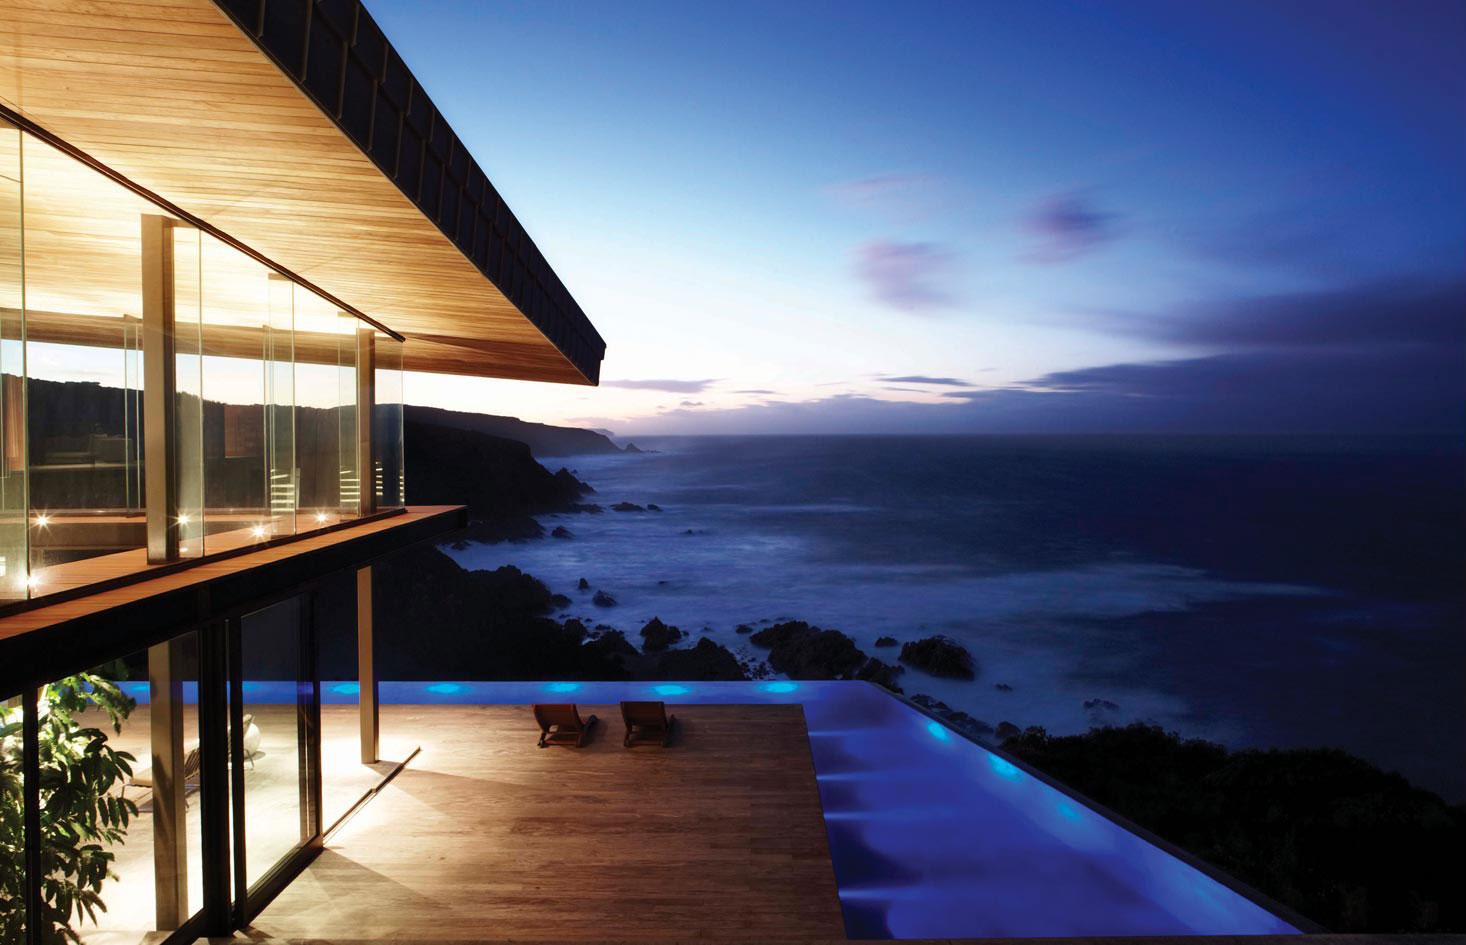 Infinity Pool, Ocean Views